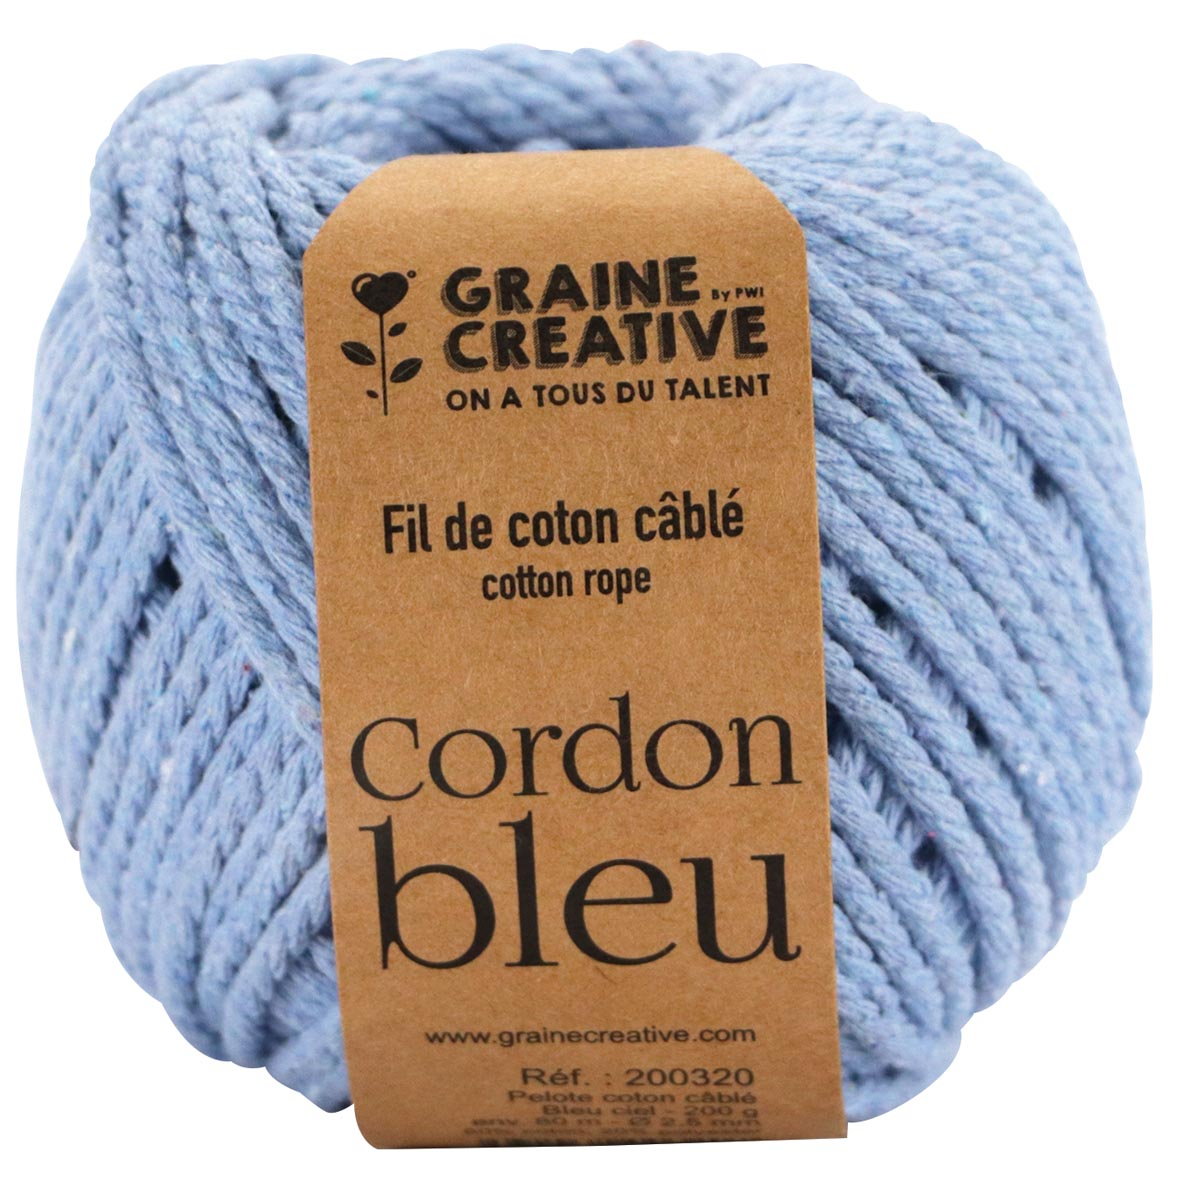 Graine Créative Macramé touw, ft 2,5 mm x 80 m, hemelsblauw